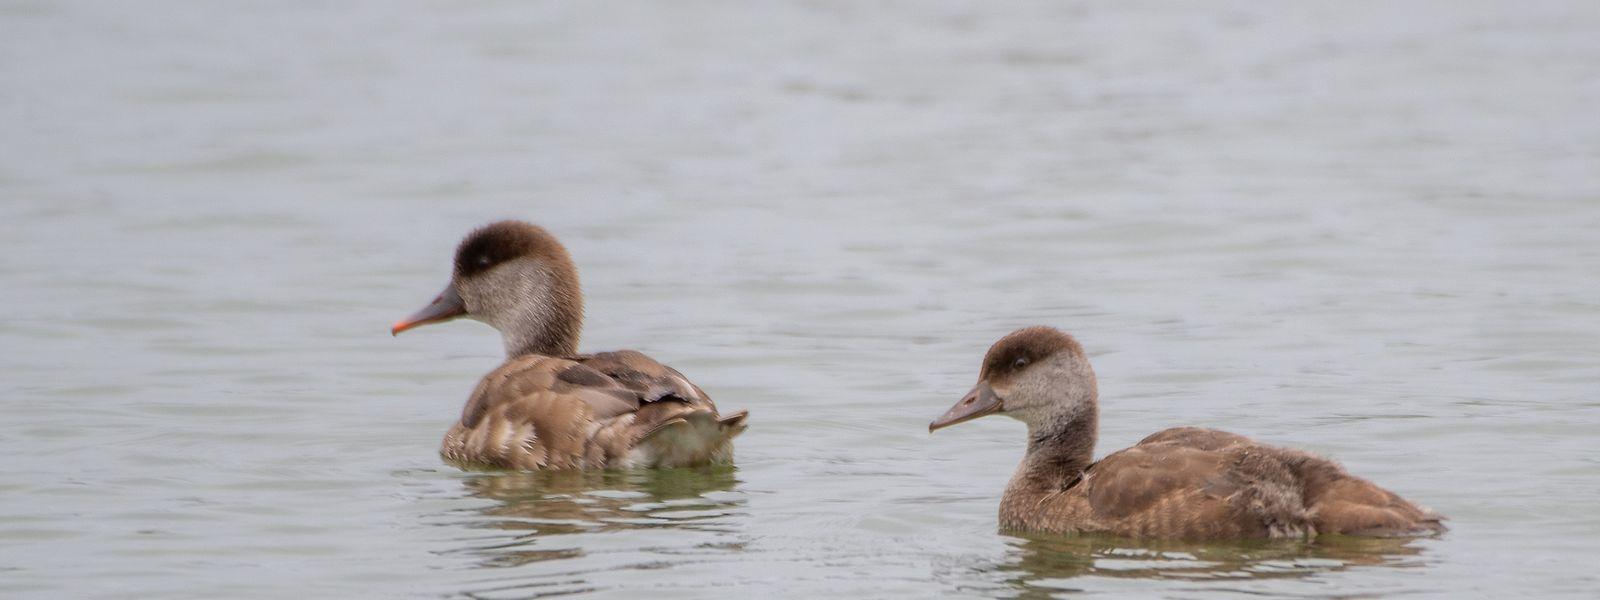 Nach Angaben von natur & ëmwelt konnte im Gebiet ein Weibchen mit einem etwa drei Wochen alten Jungvogel (im Bild rechts) festgestellt werden.